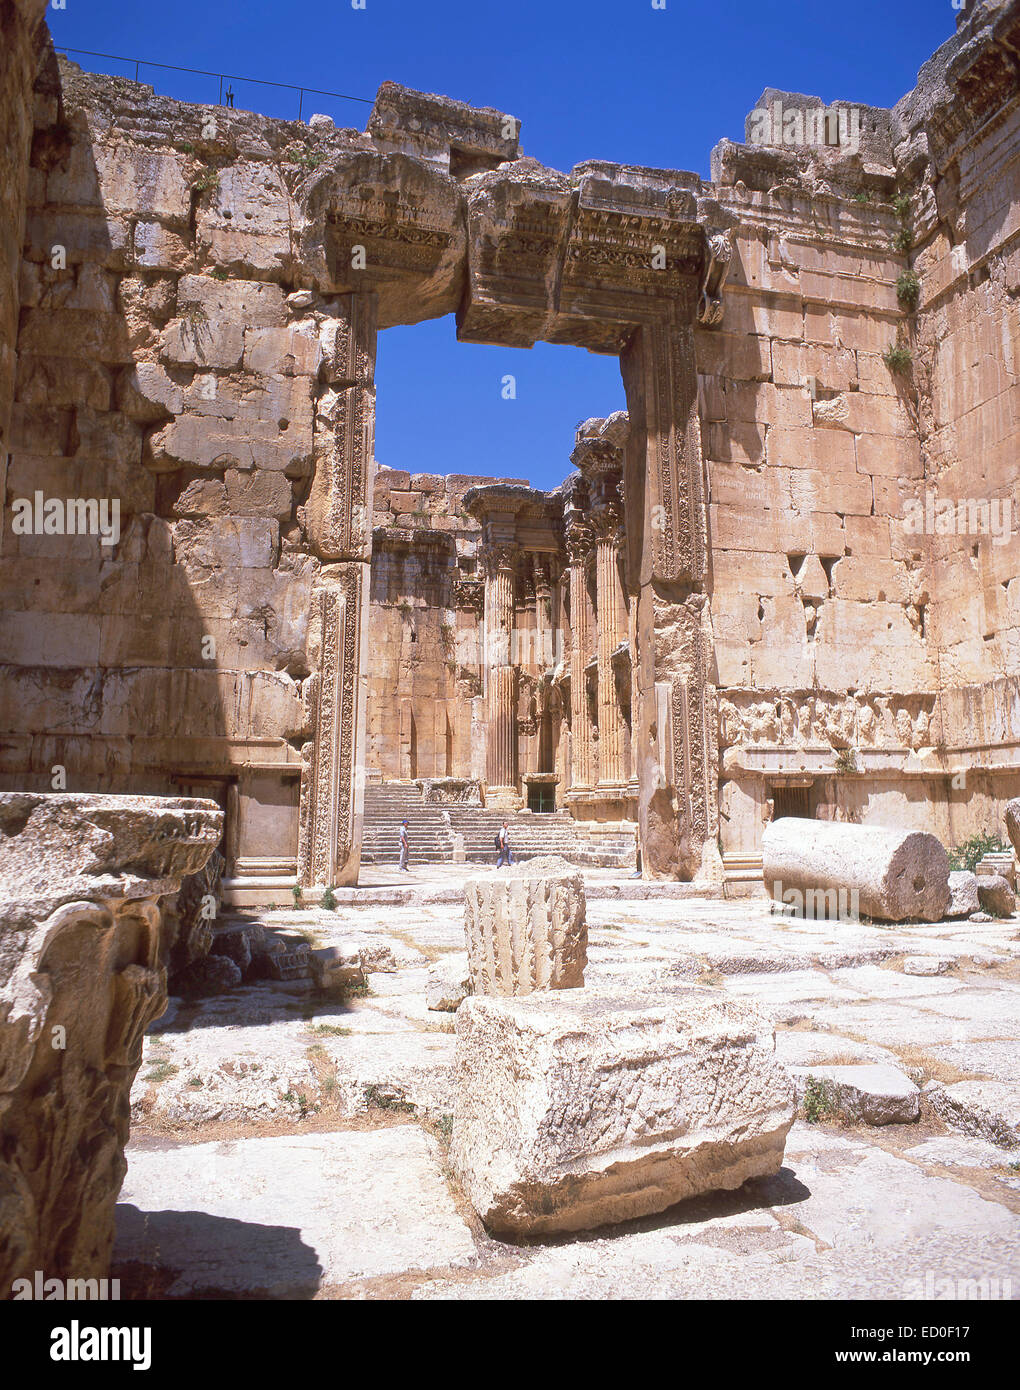 Entrada al Templo de Baco, de Baalbeck, Valle de Bekaa, República del Líbano Imagen De Stock